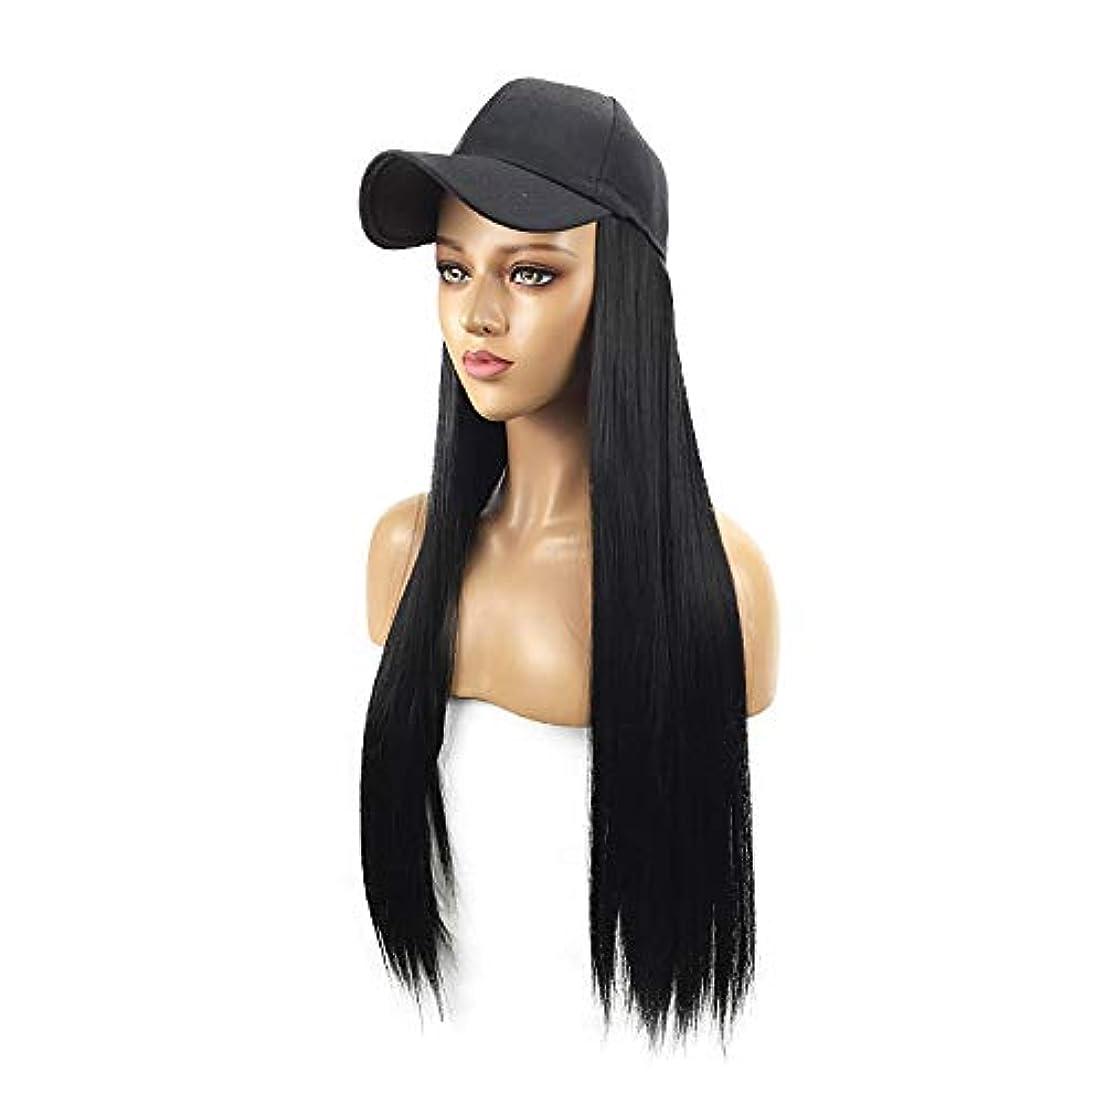 微妙資本コンサルタントHAILAN HOME-かつら ストリートファッションの女性ウィッグハットワンピース帽子ウィッグ先見の明真の髪の帽子62センチメートルブラックワンピース取り外し可能